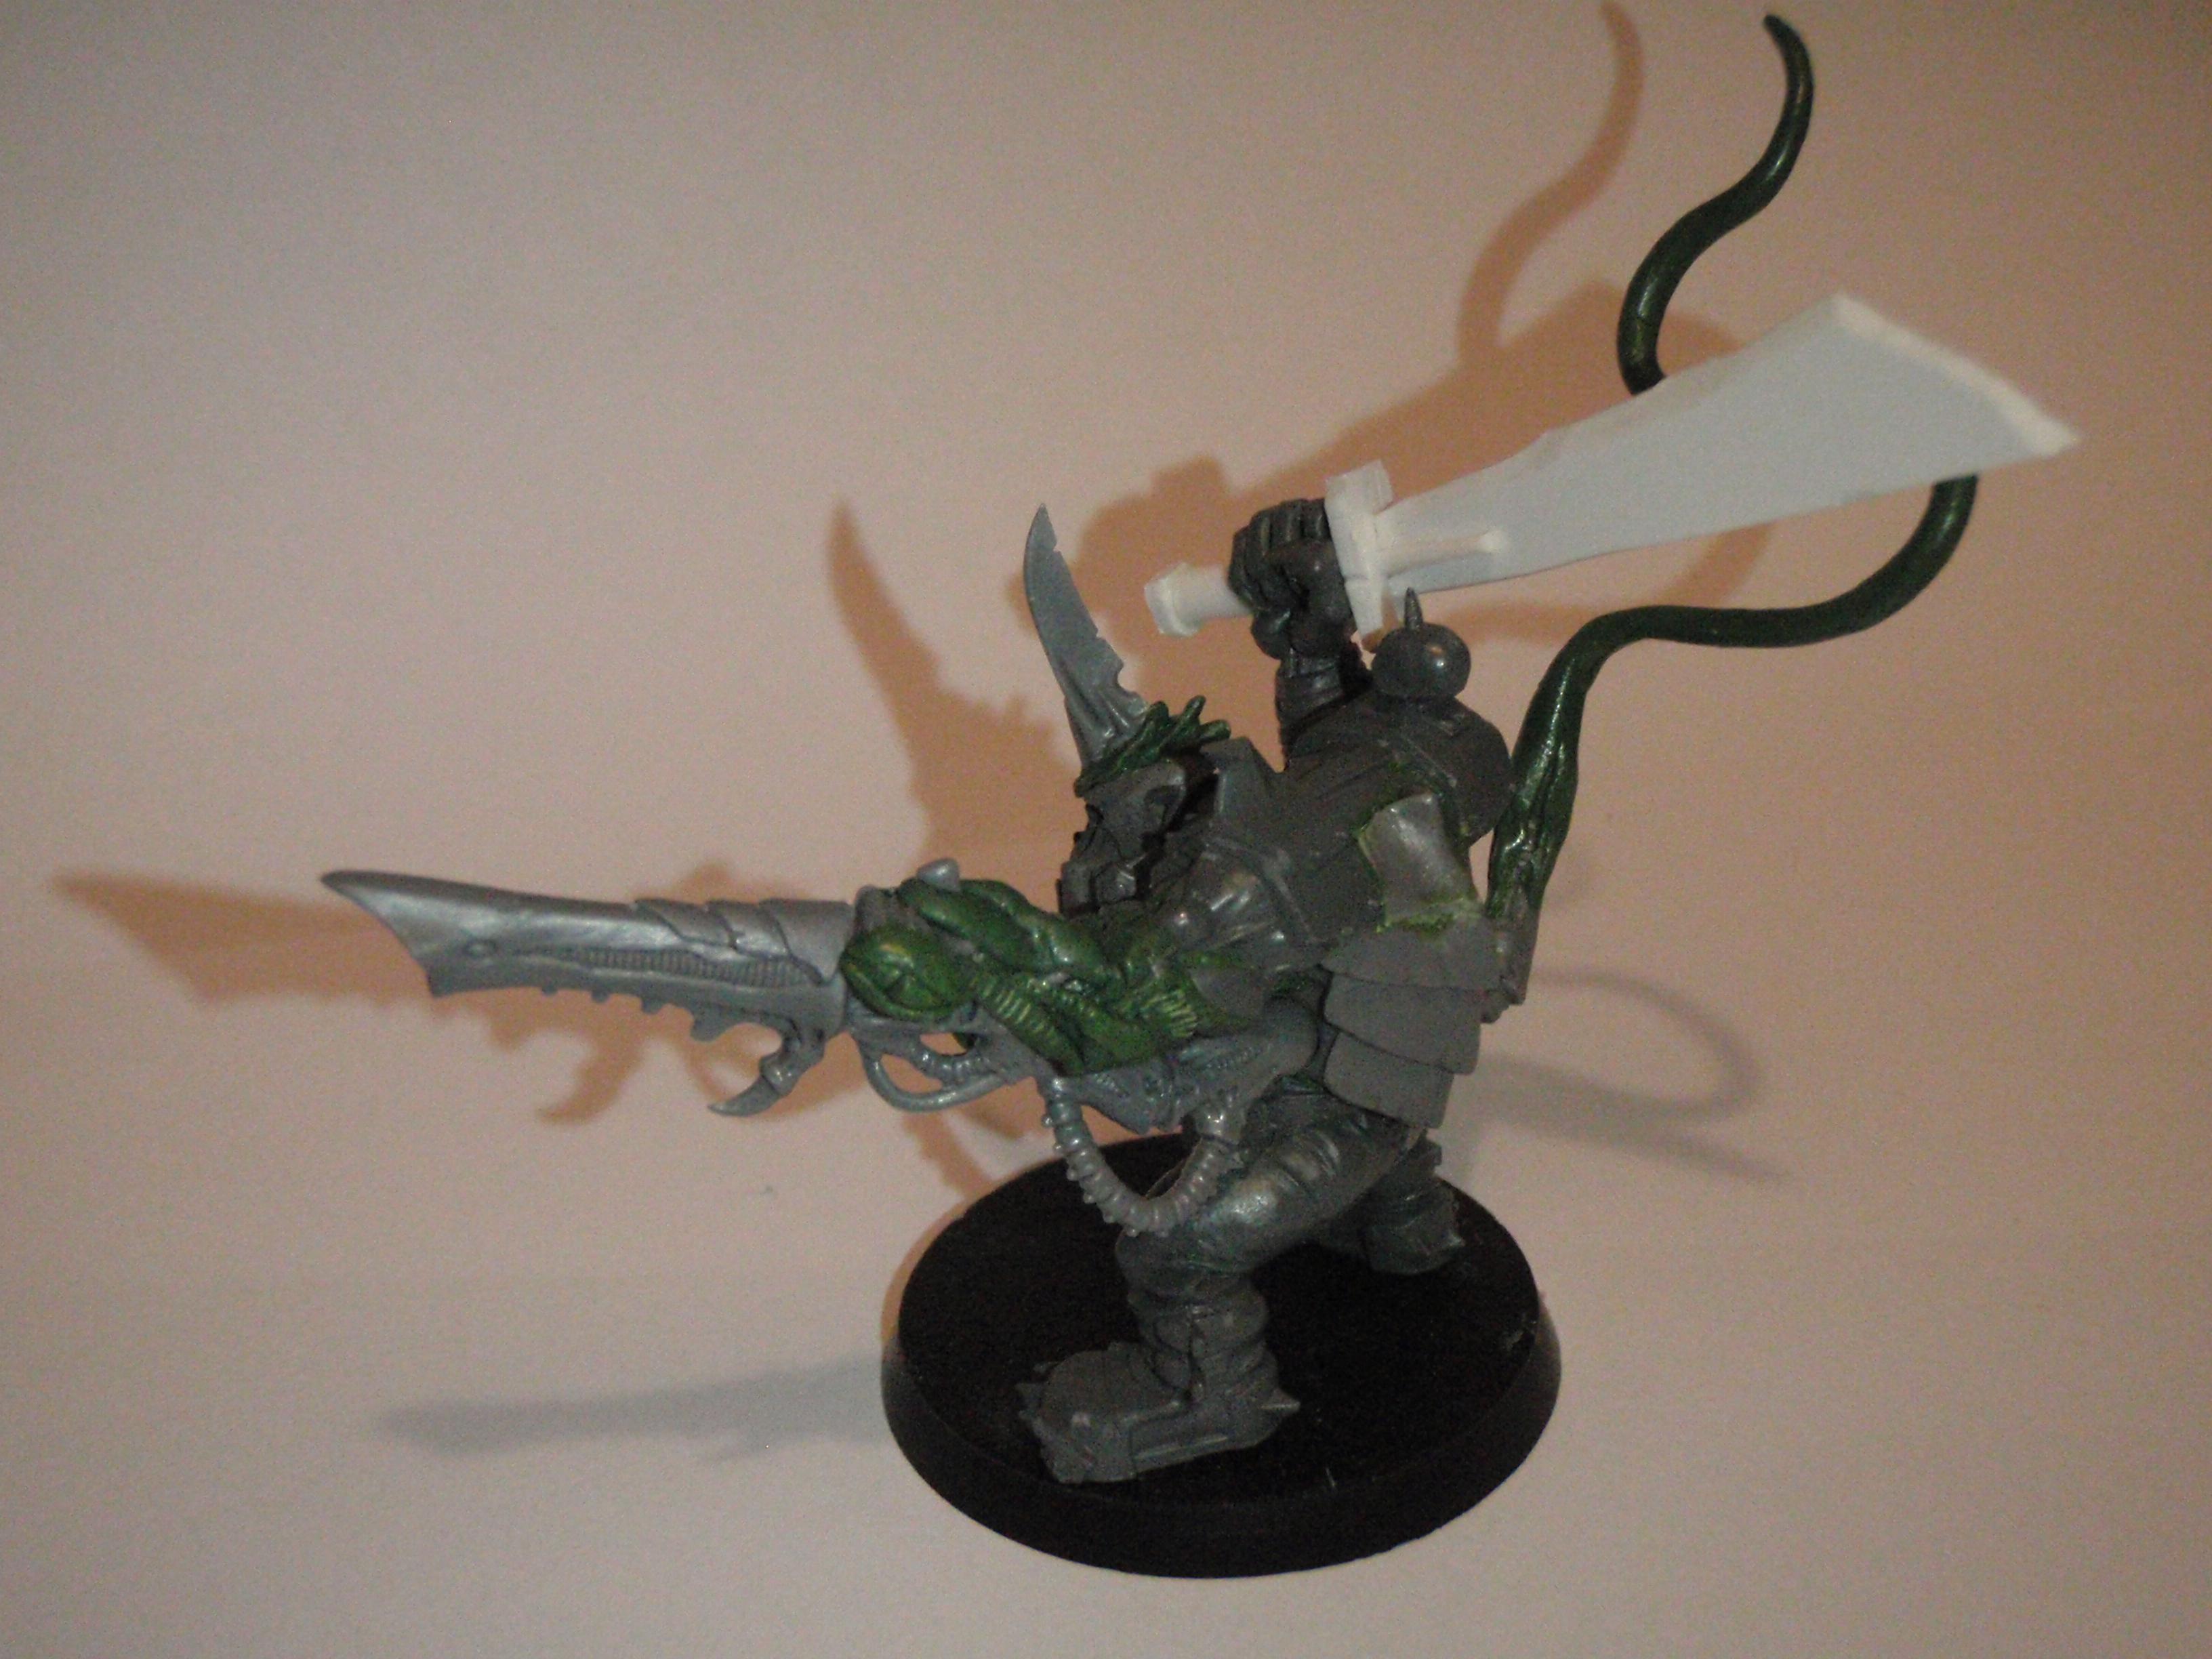 Warria Prime's rear